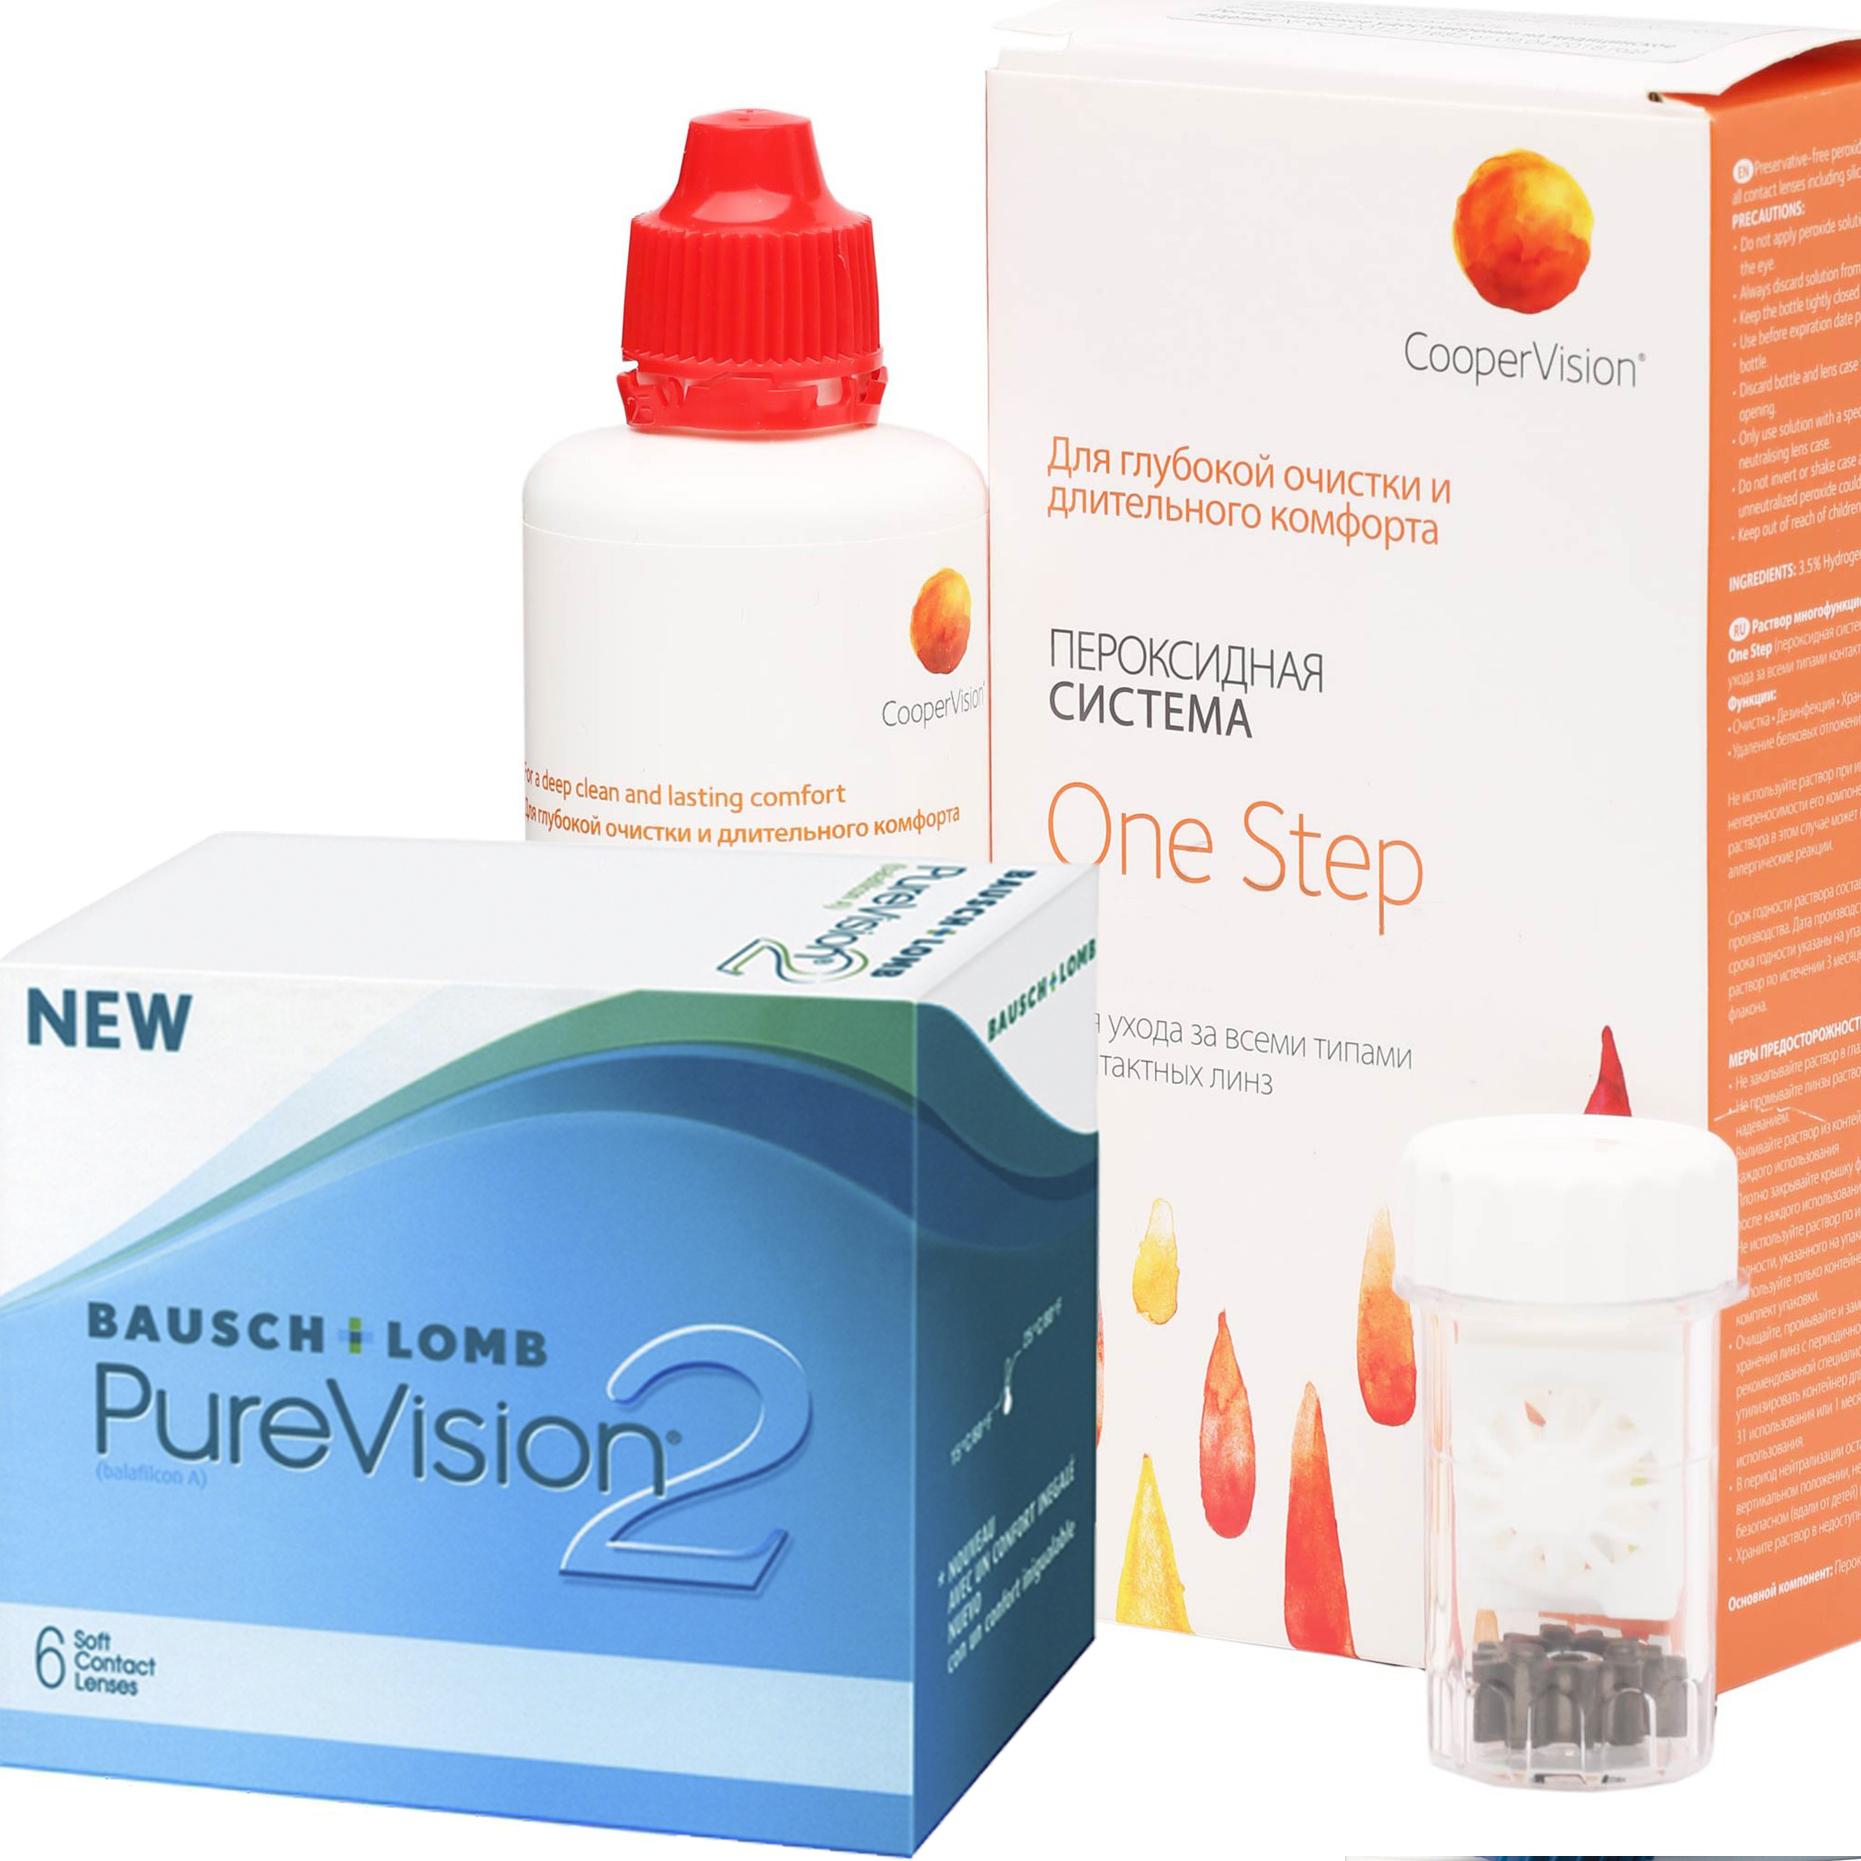 Купить 2 6 линз + One Step, Контактные линзы PureVision 2 6 линз R 8.6 -8, 50 + Раствор One Step 360 мл